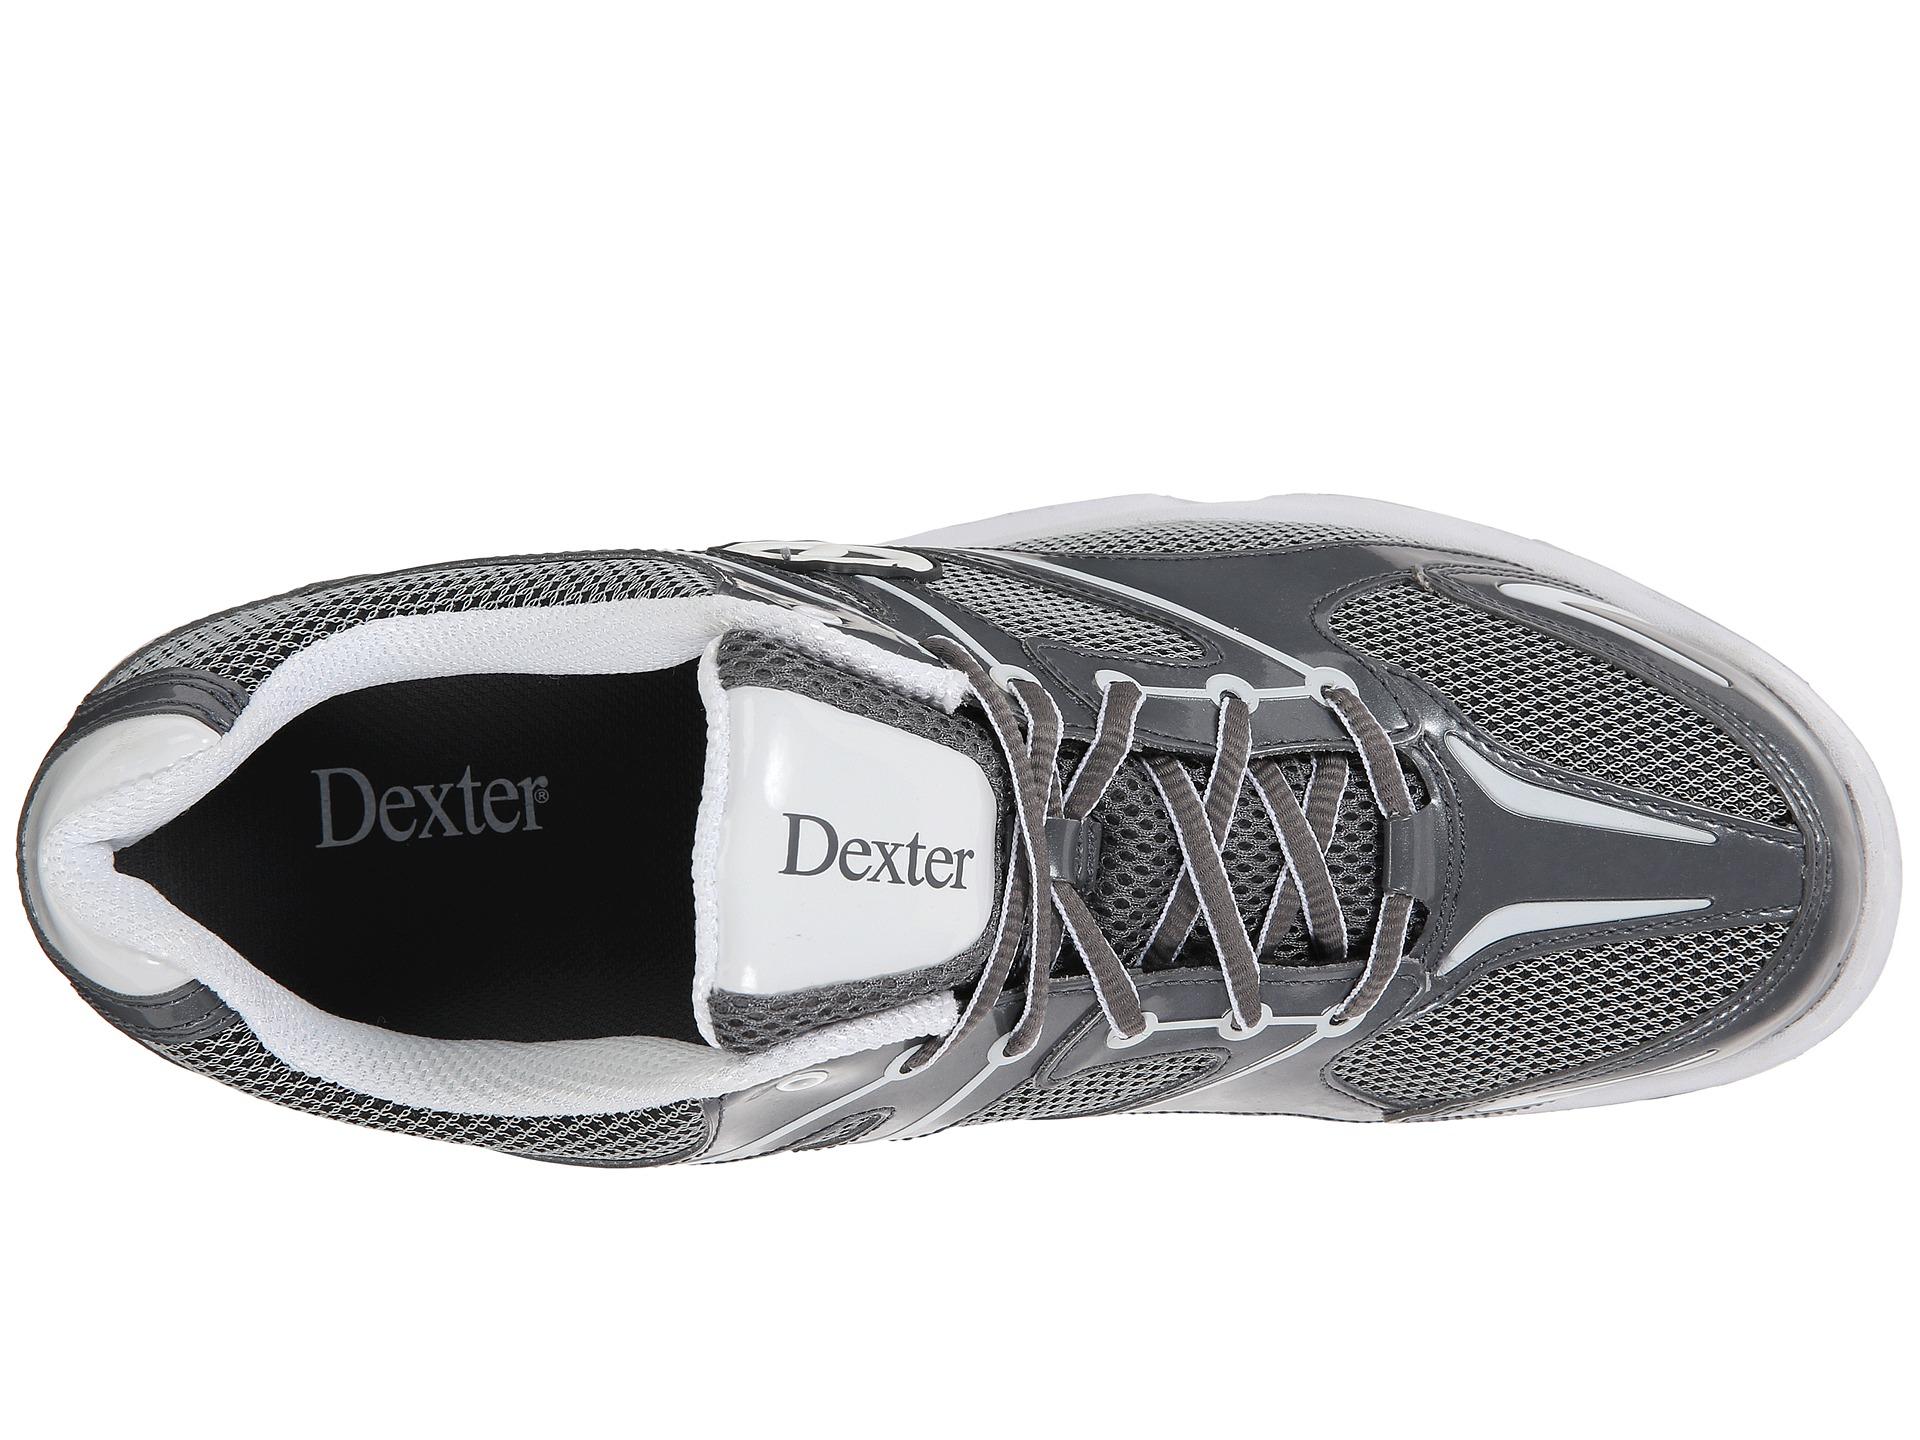 Dexter Men S Max Bowling Shoes